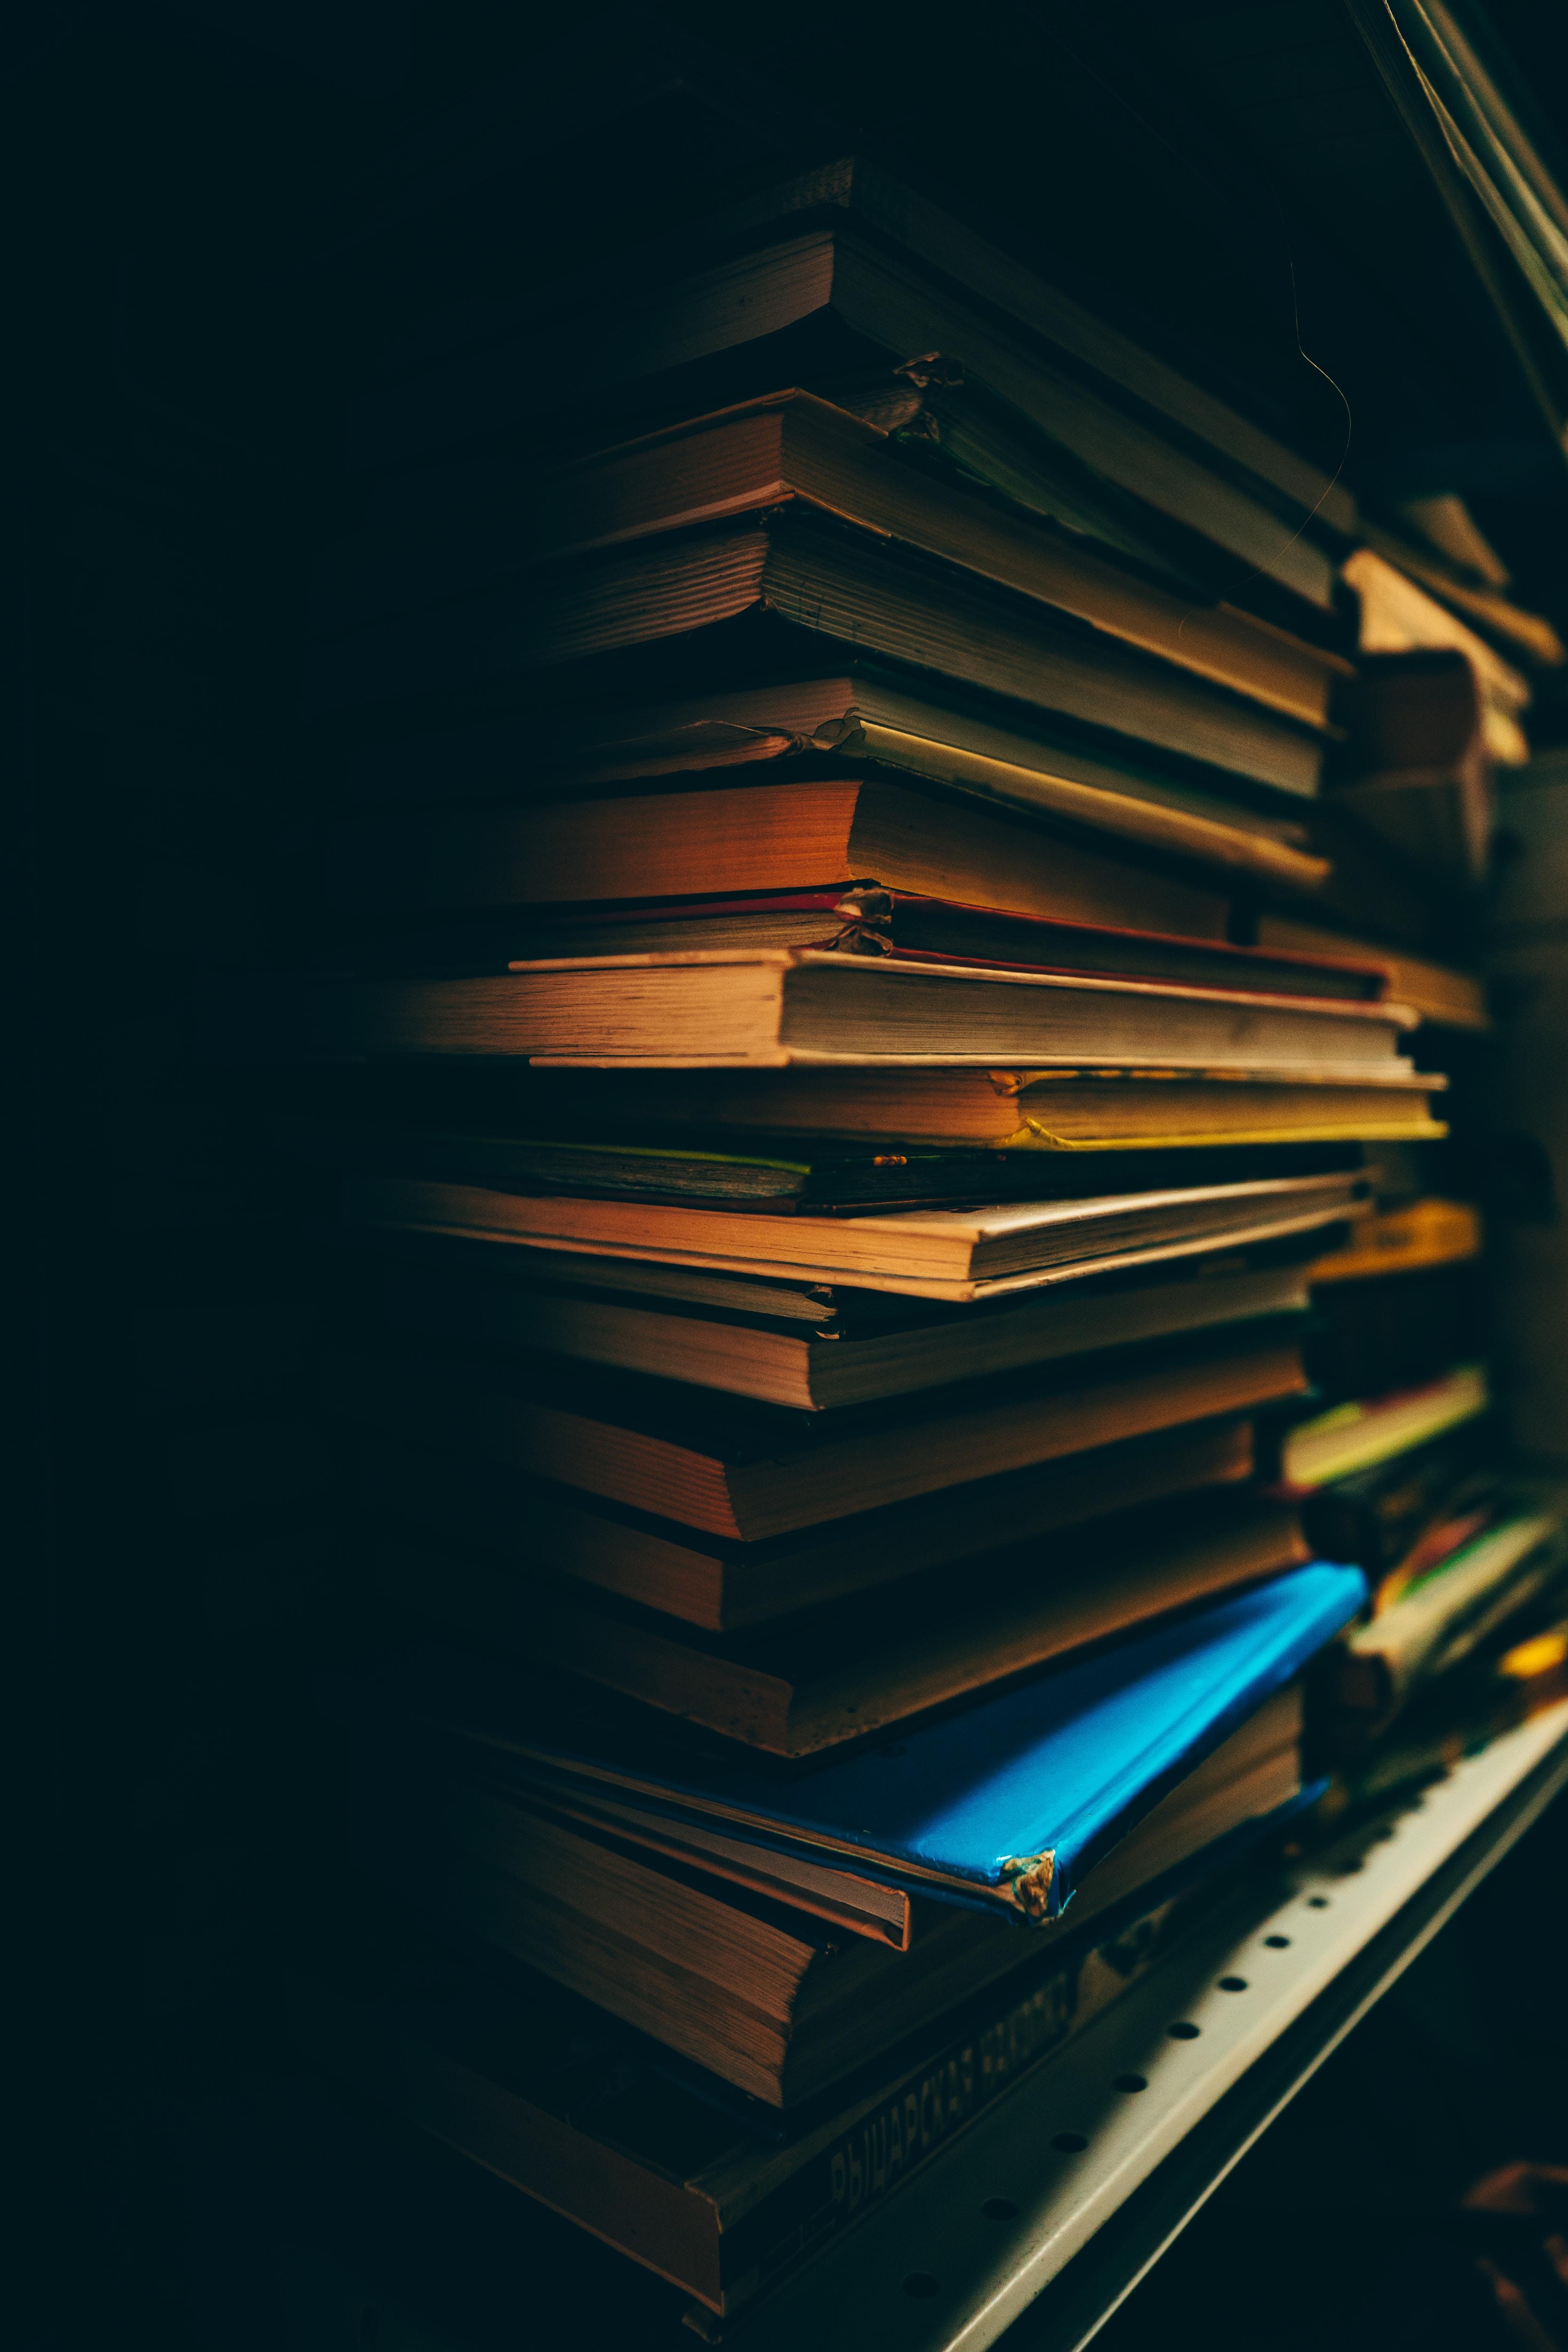 71496 скачать обои Разное, Книги, Темный, Полка, Библиотека - заставки и картинки бесплатно